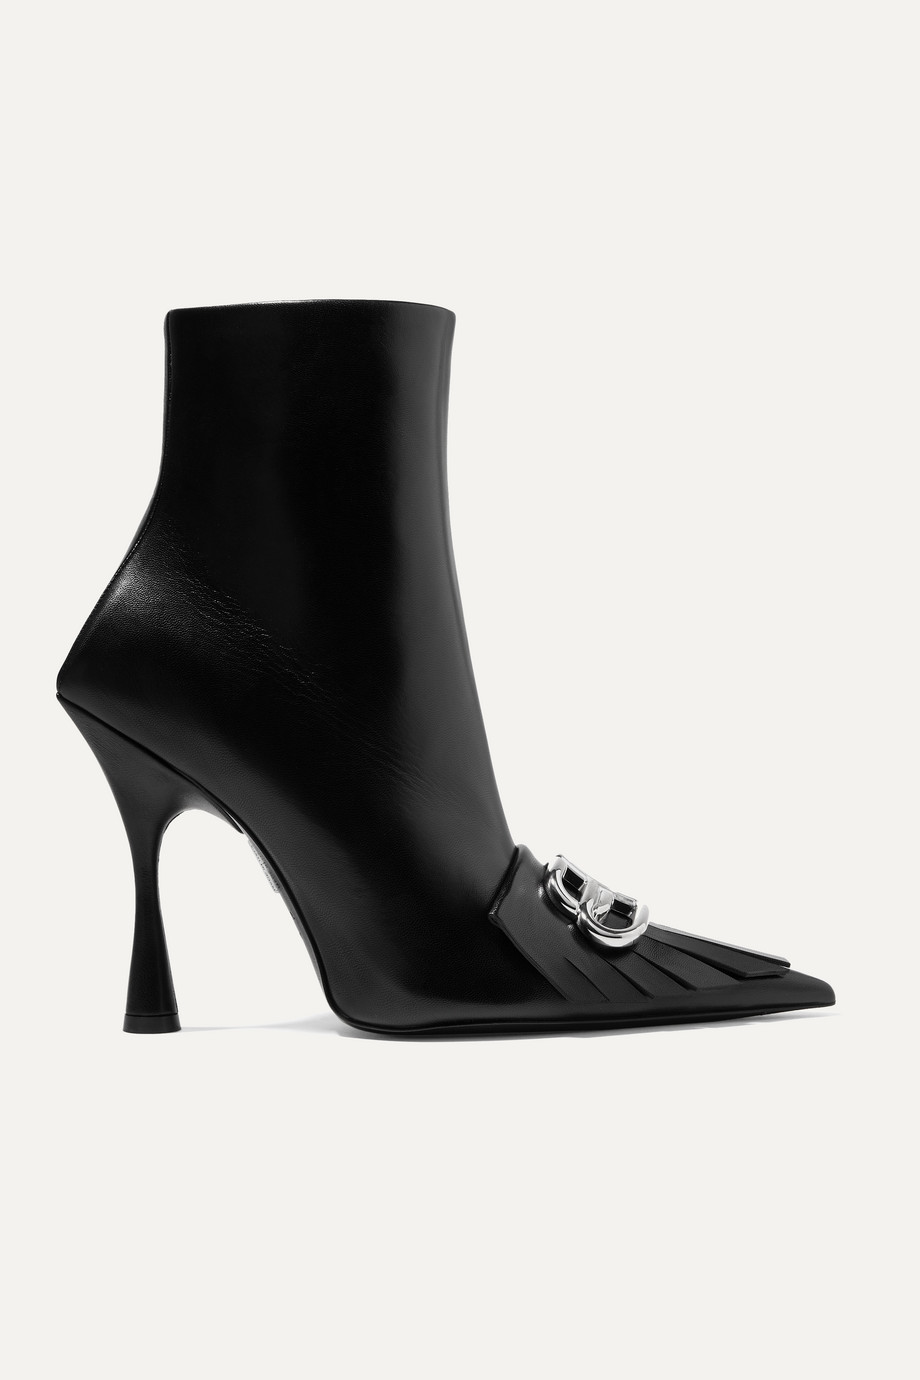 Balenciaga Knife logo-embellished fringed leather ankle boots